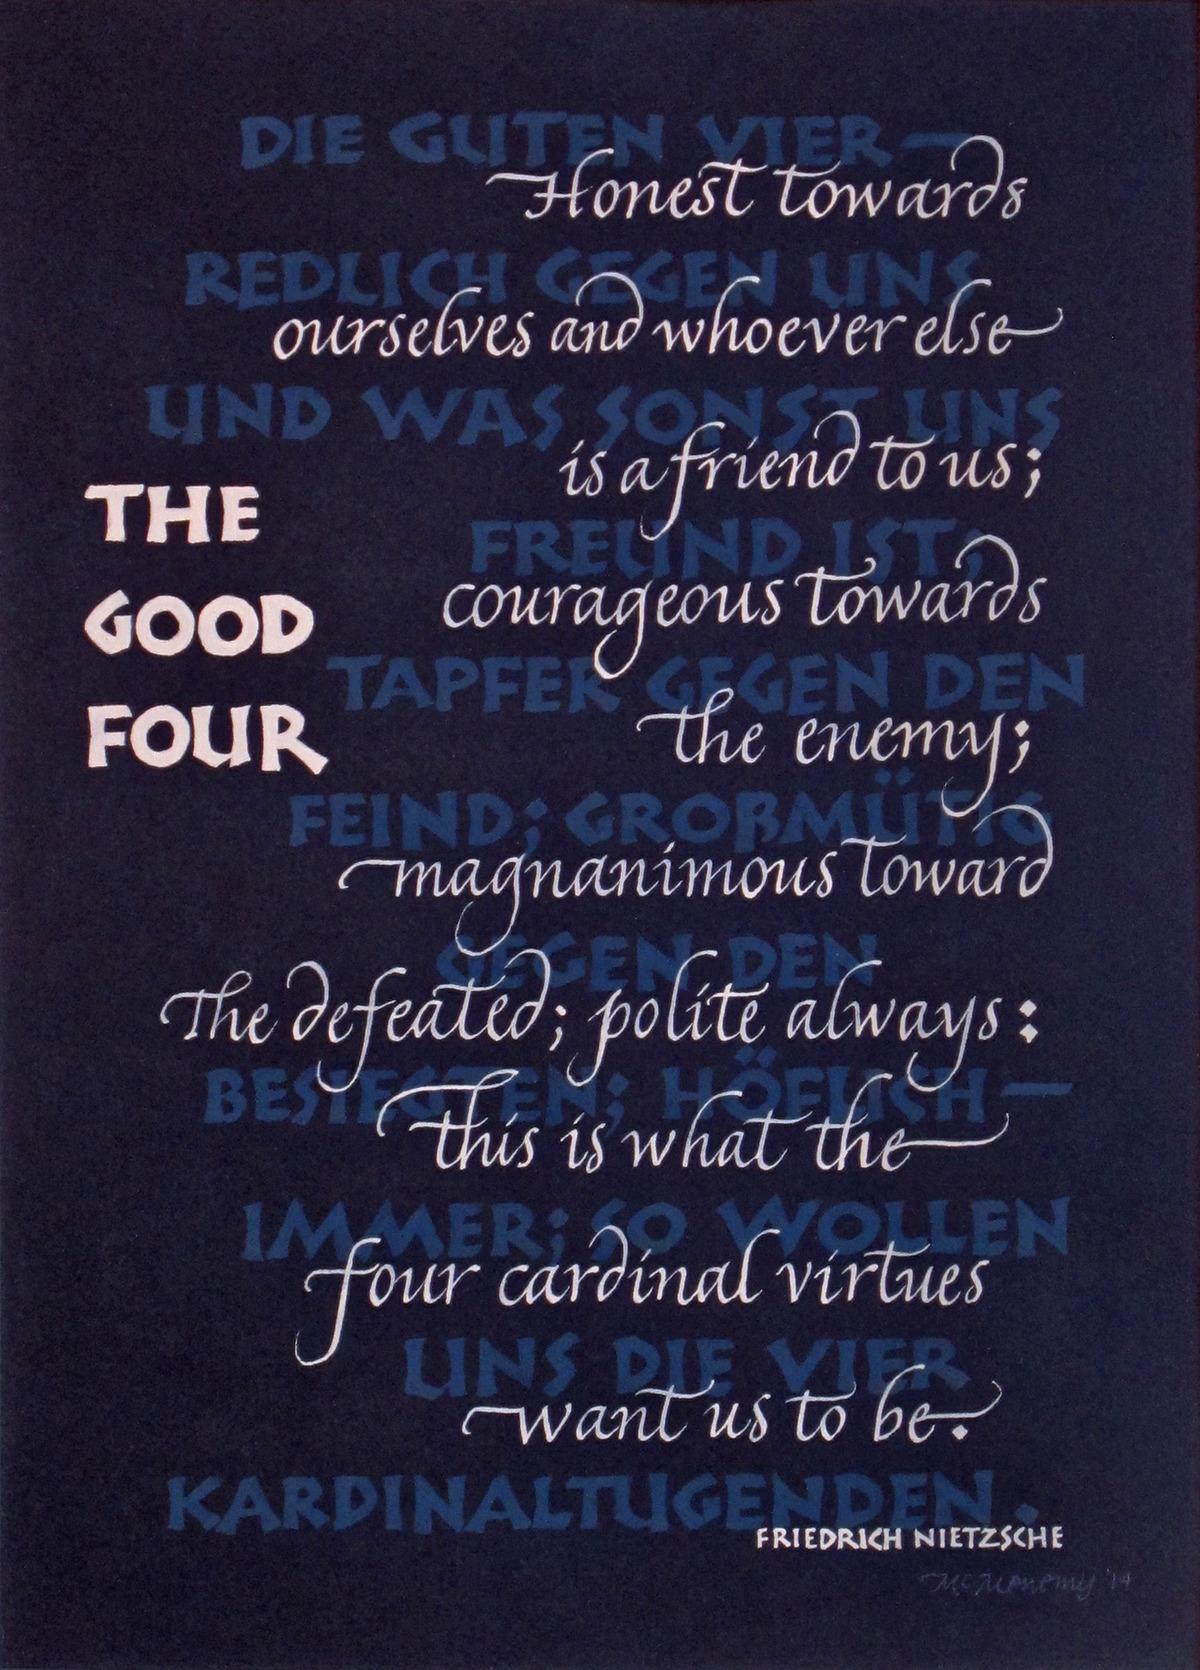 The Good Four